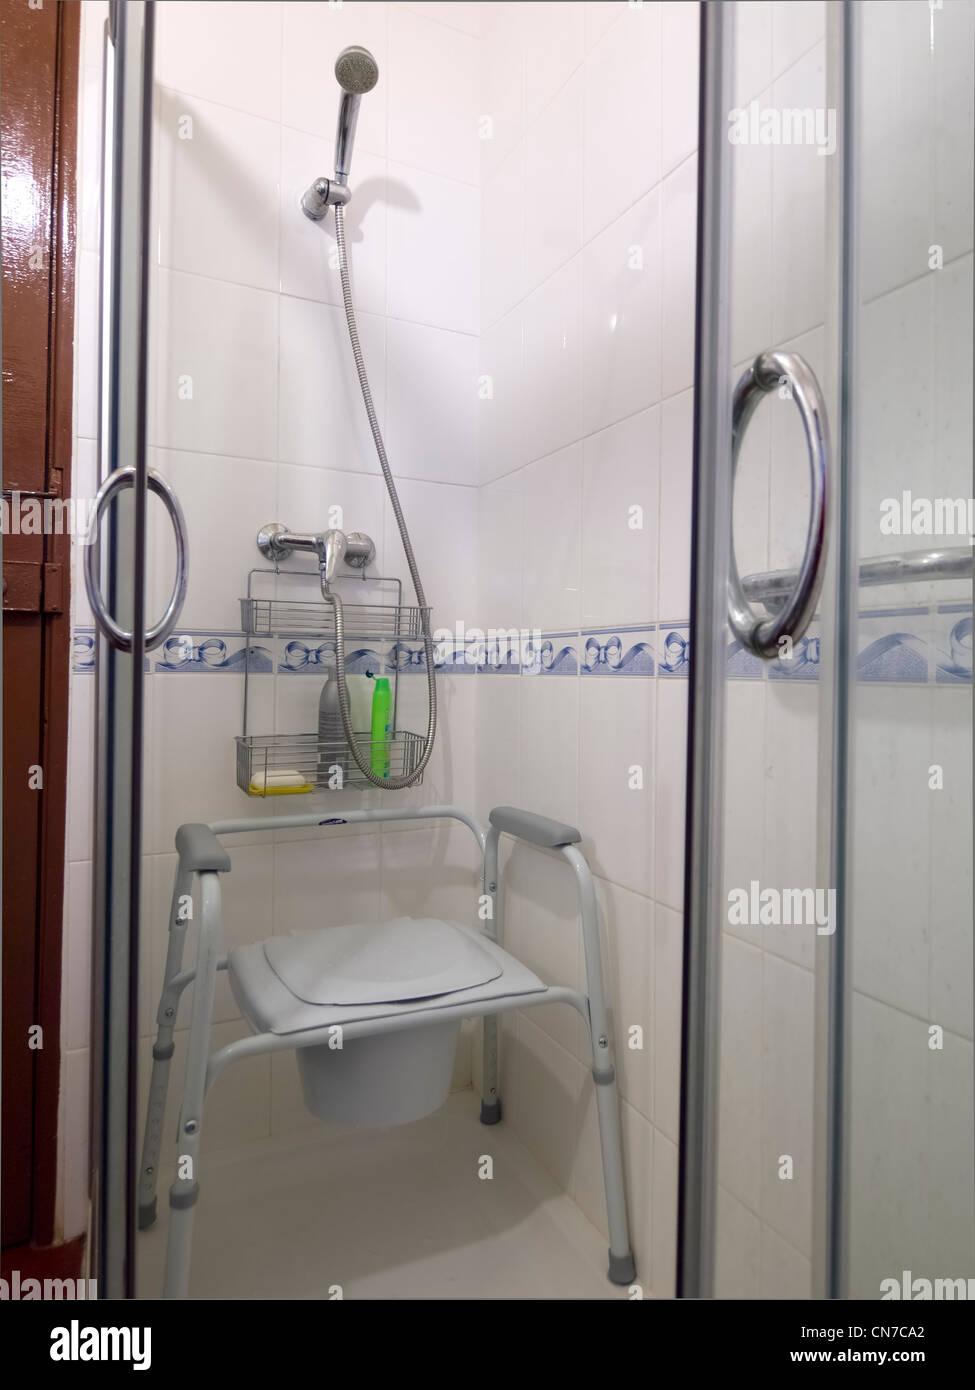 Asiento para los discapacitados en un cubículo de ducha Imagen De Stock 74709508e340